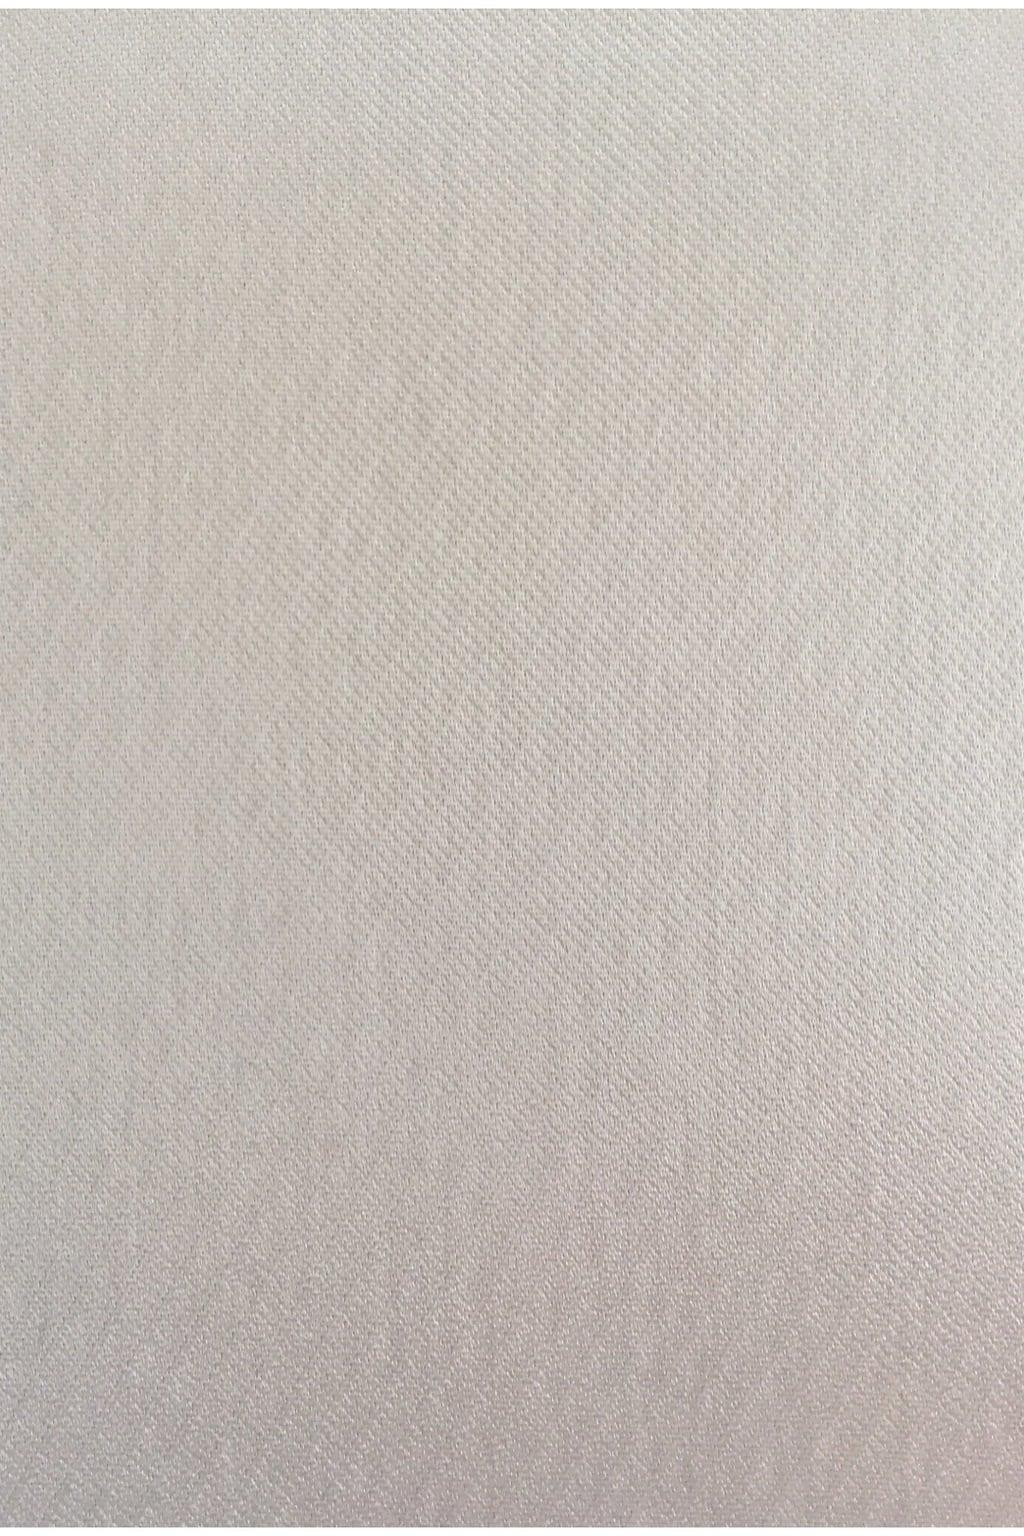 宗像大社の御朱印帳